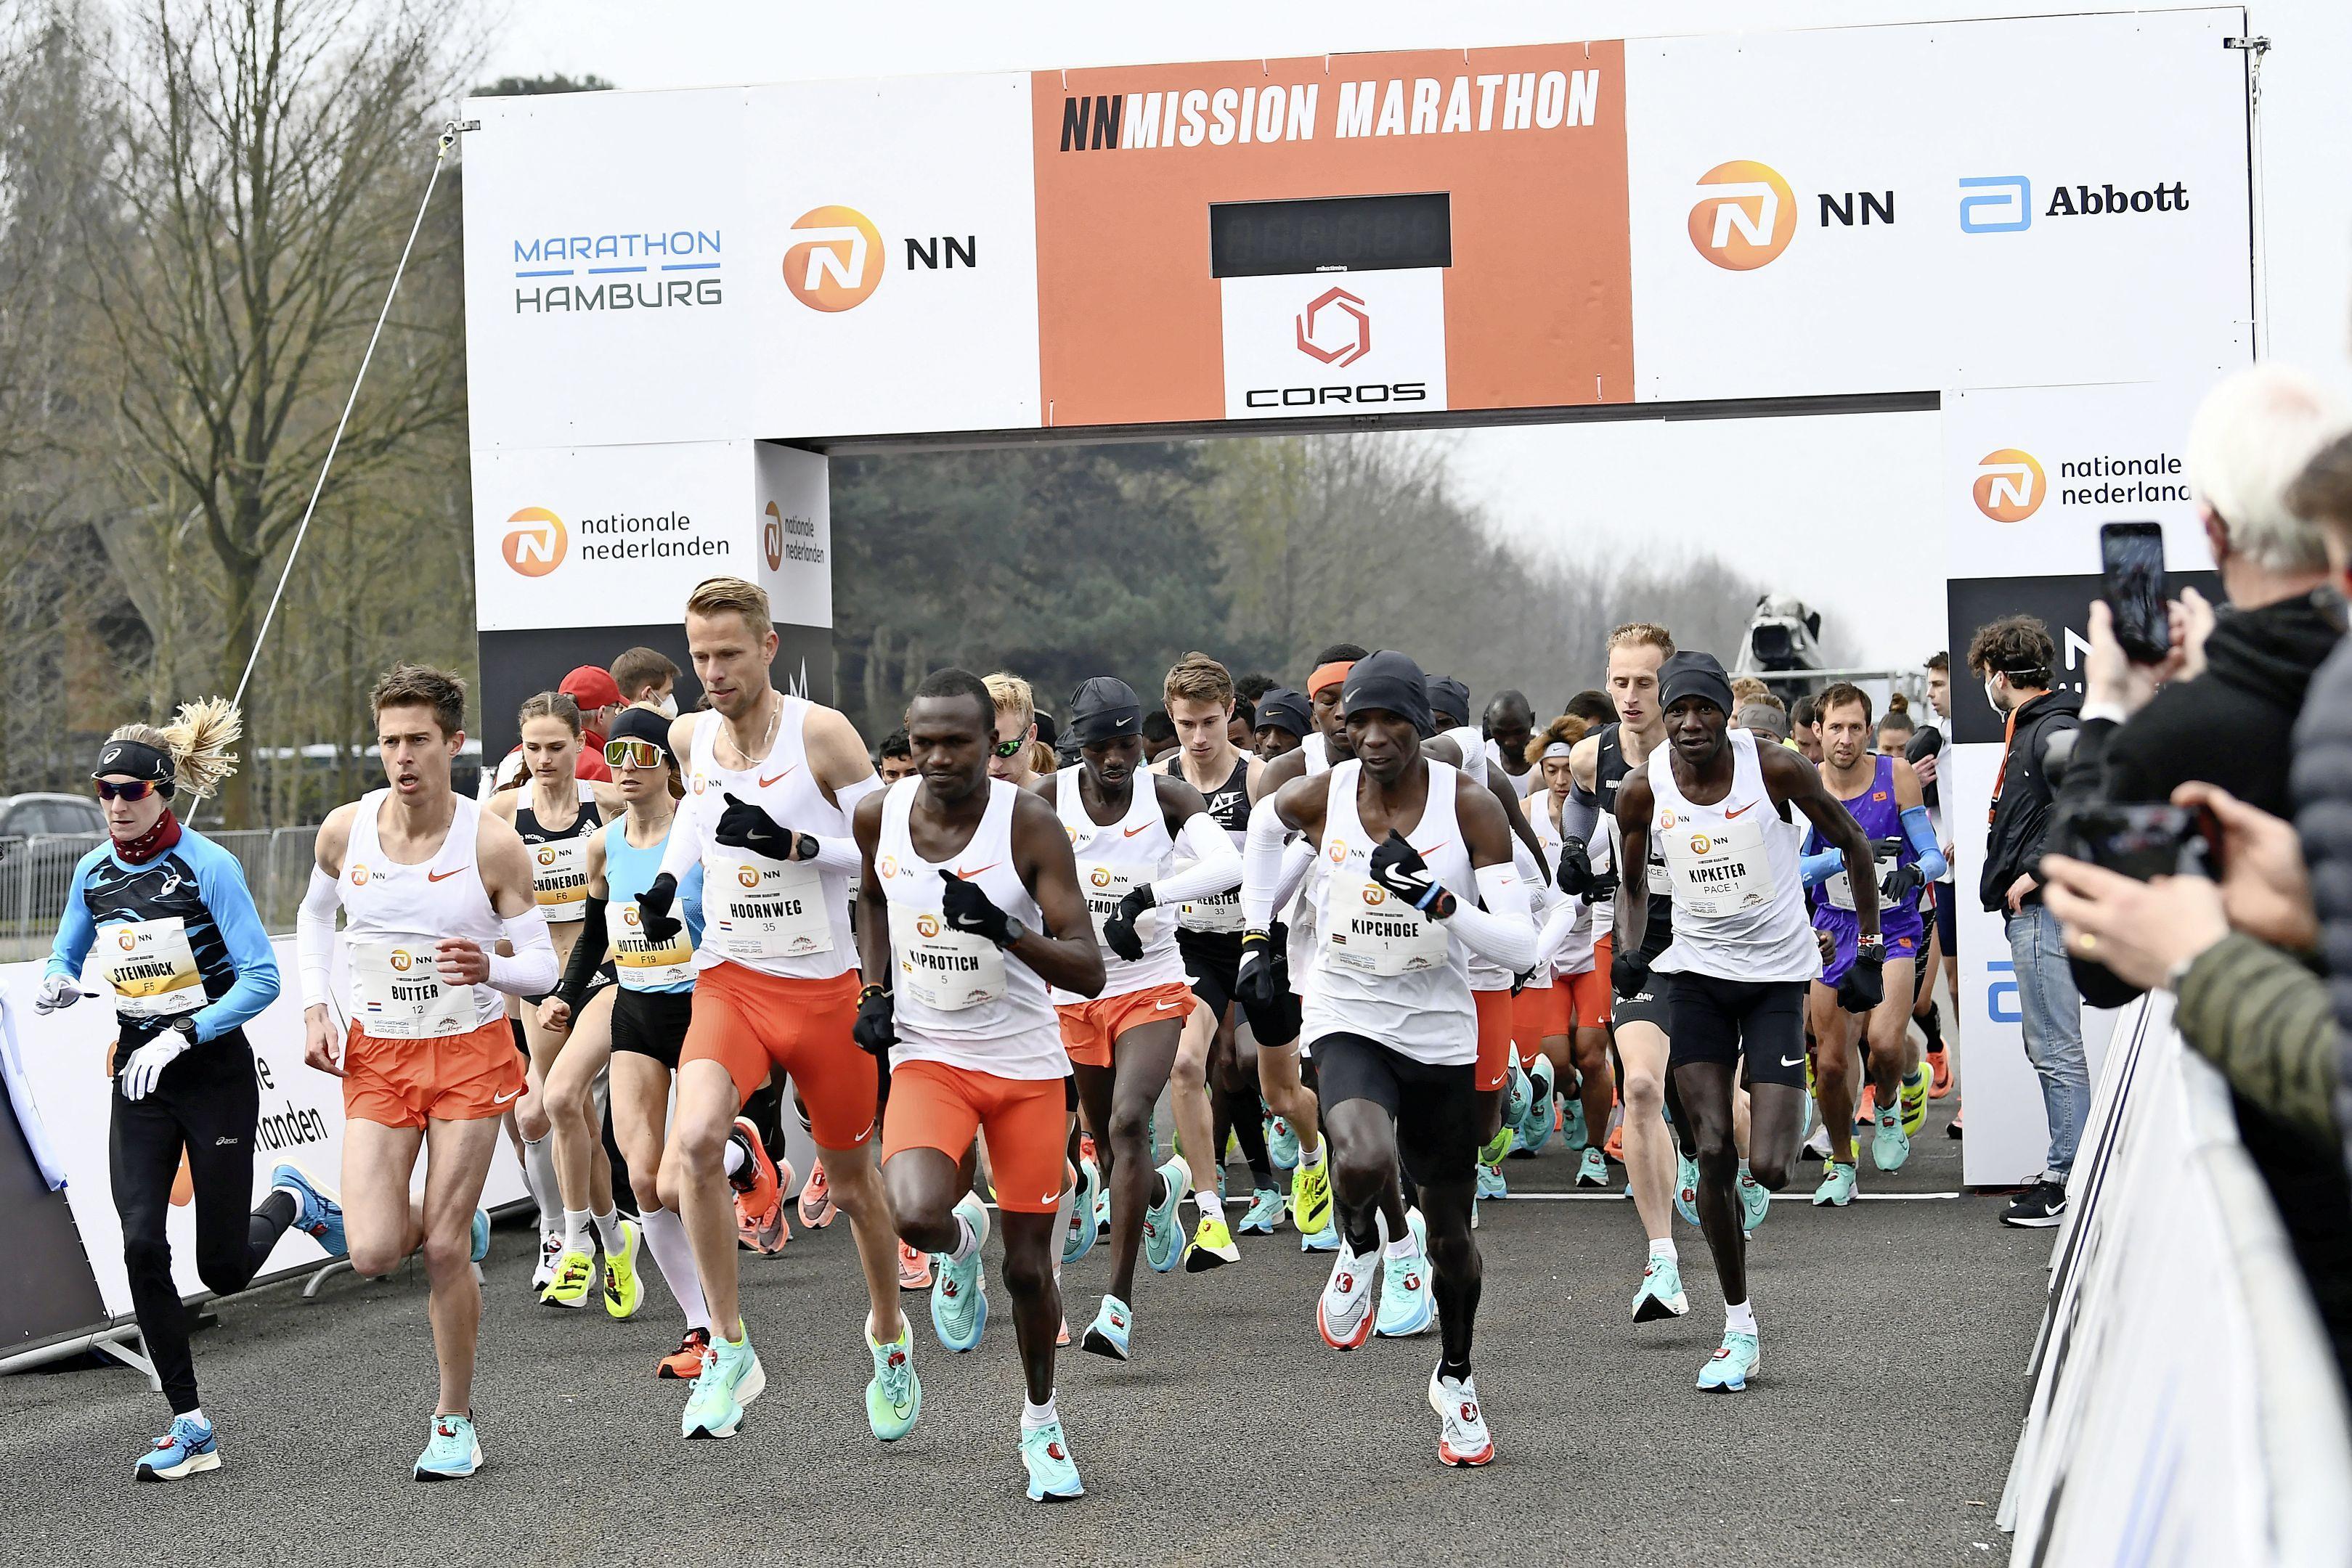 Marathonlopers Michel Butter en Jill Holterman duiken in Enschede onder de olympisch limiet. Zij weet zich verzekerd van een vuurdoop bij de Spelen, hij moet in de wachtkamer plaatsnemen